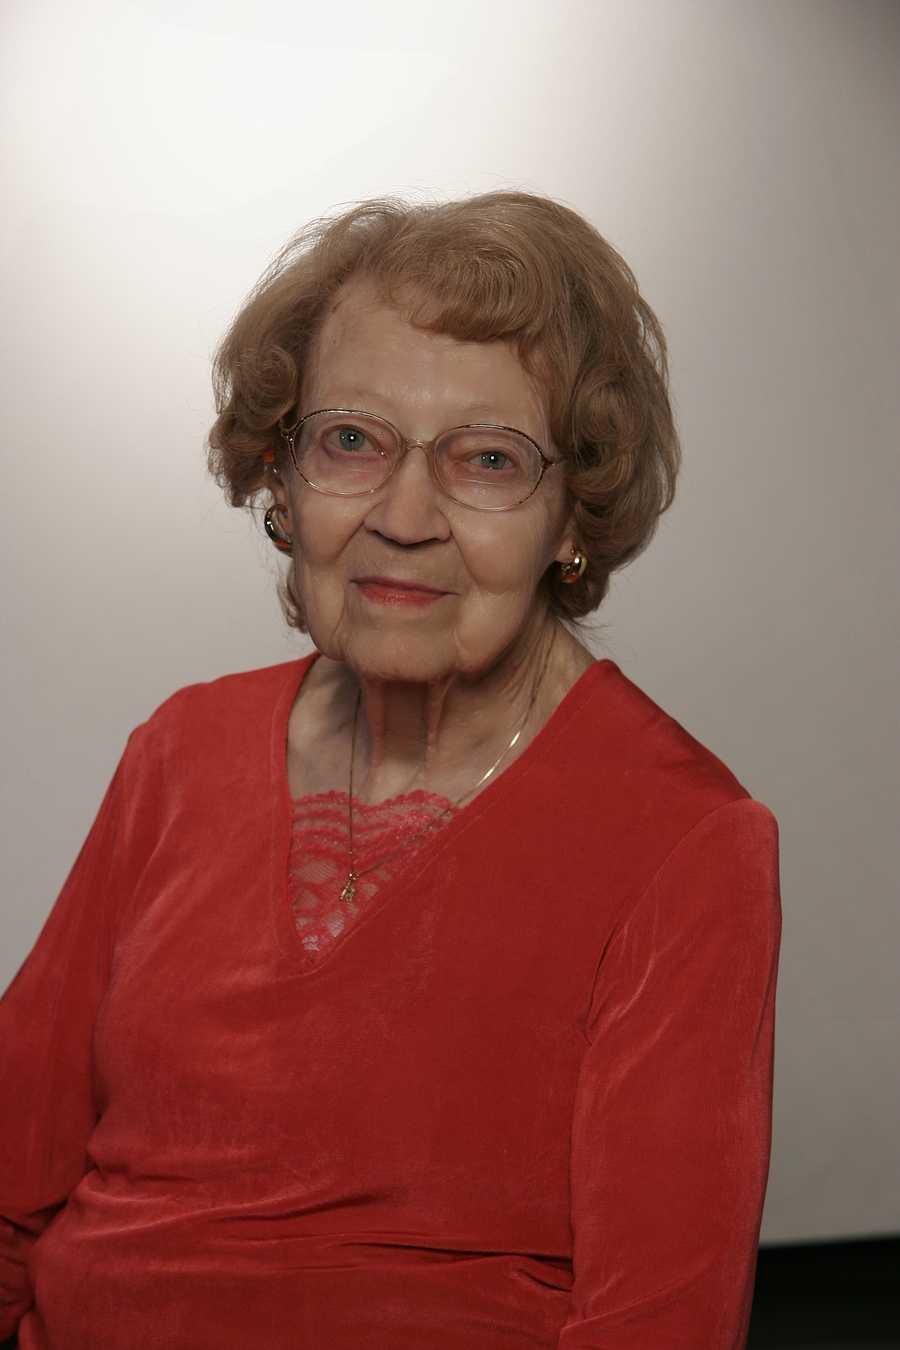 Nora Horecny